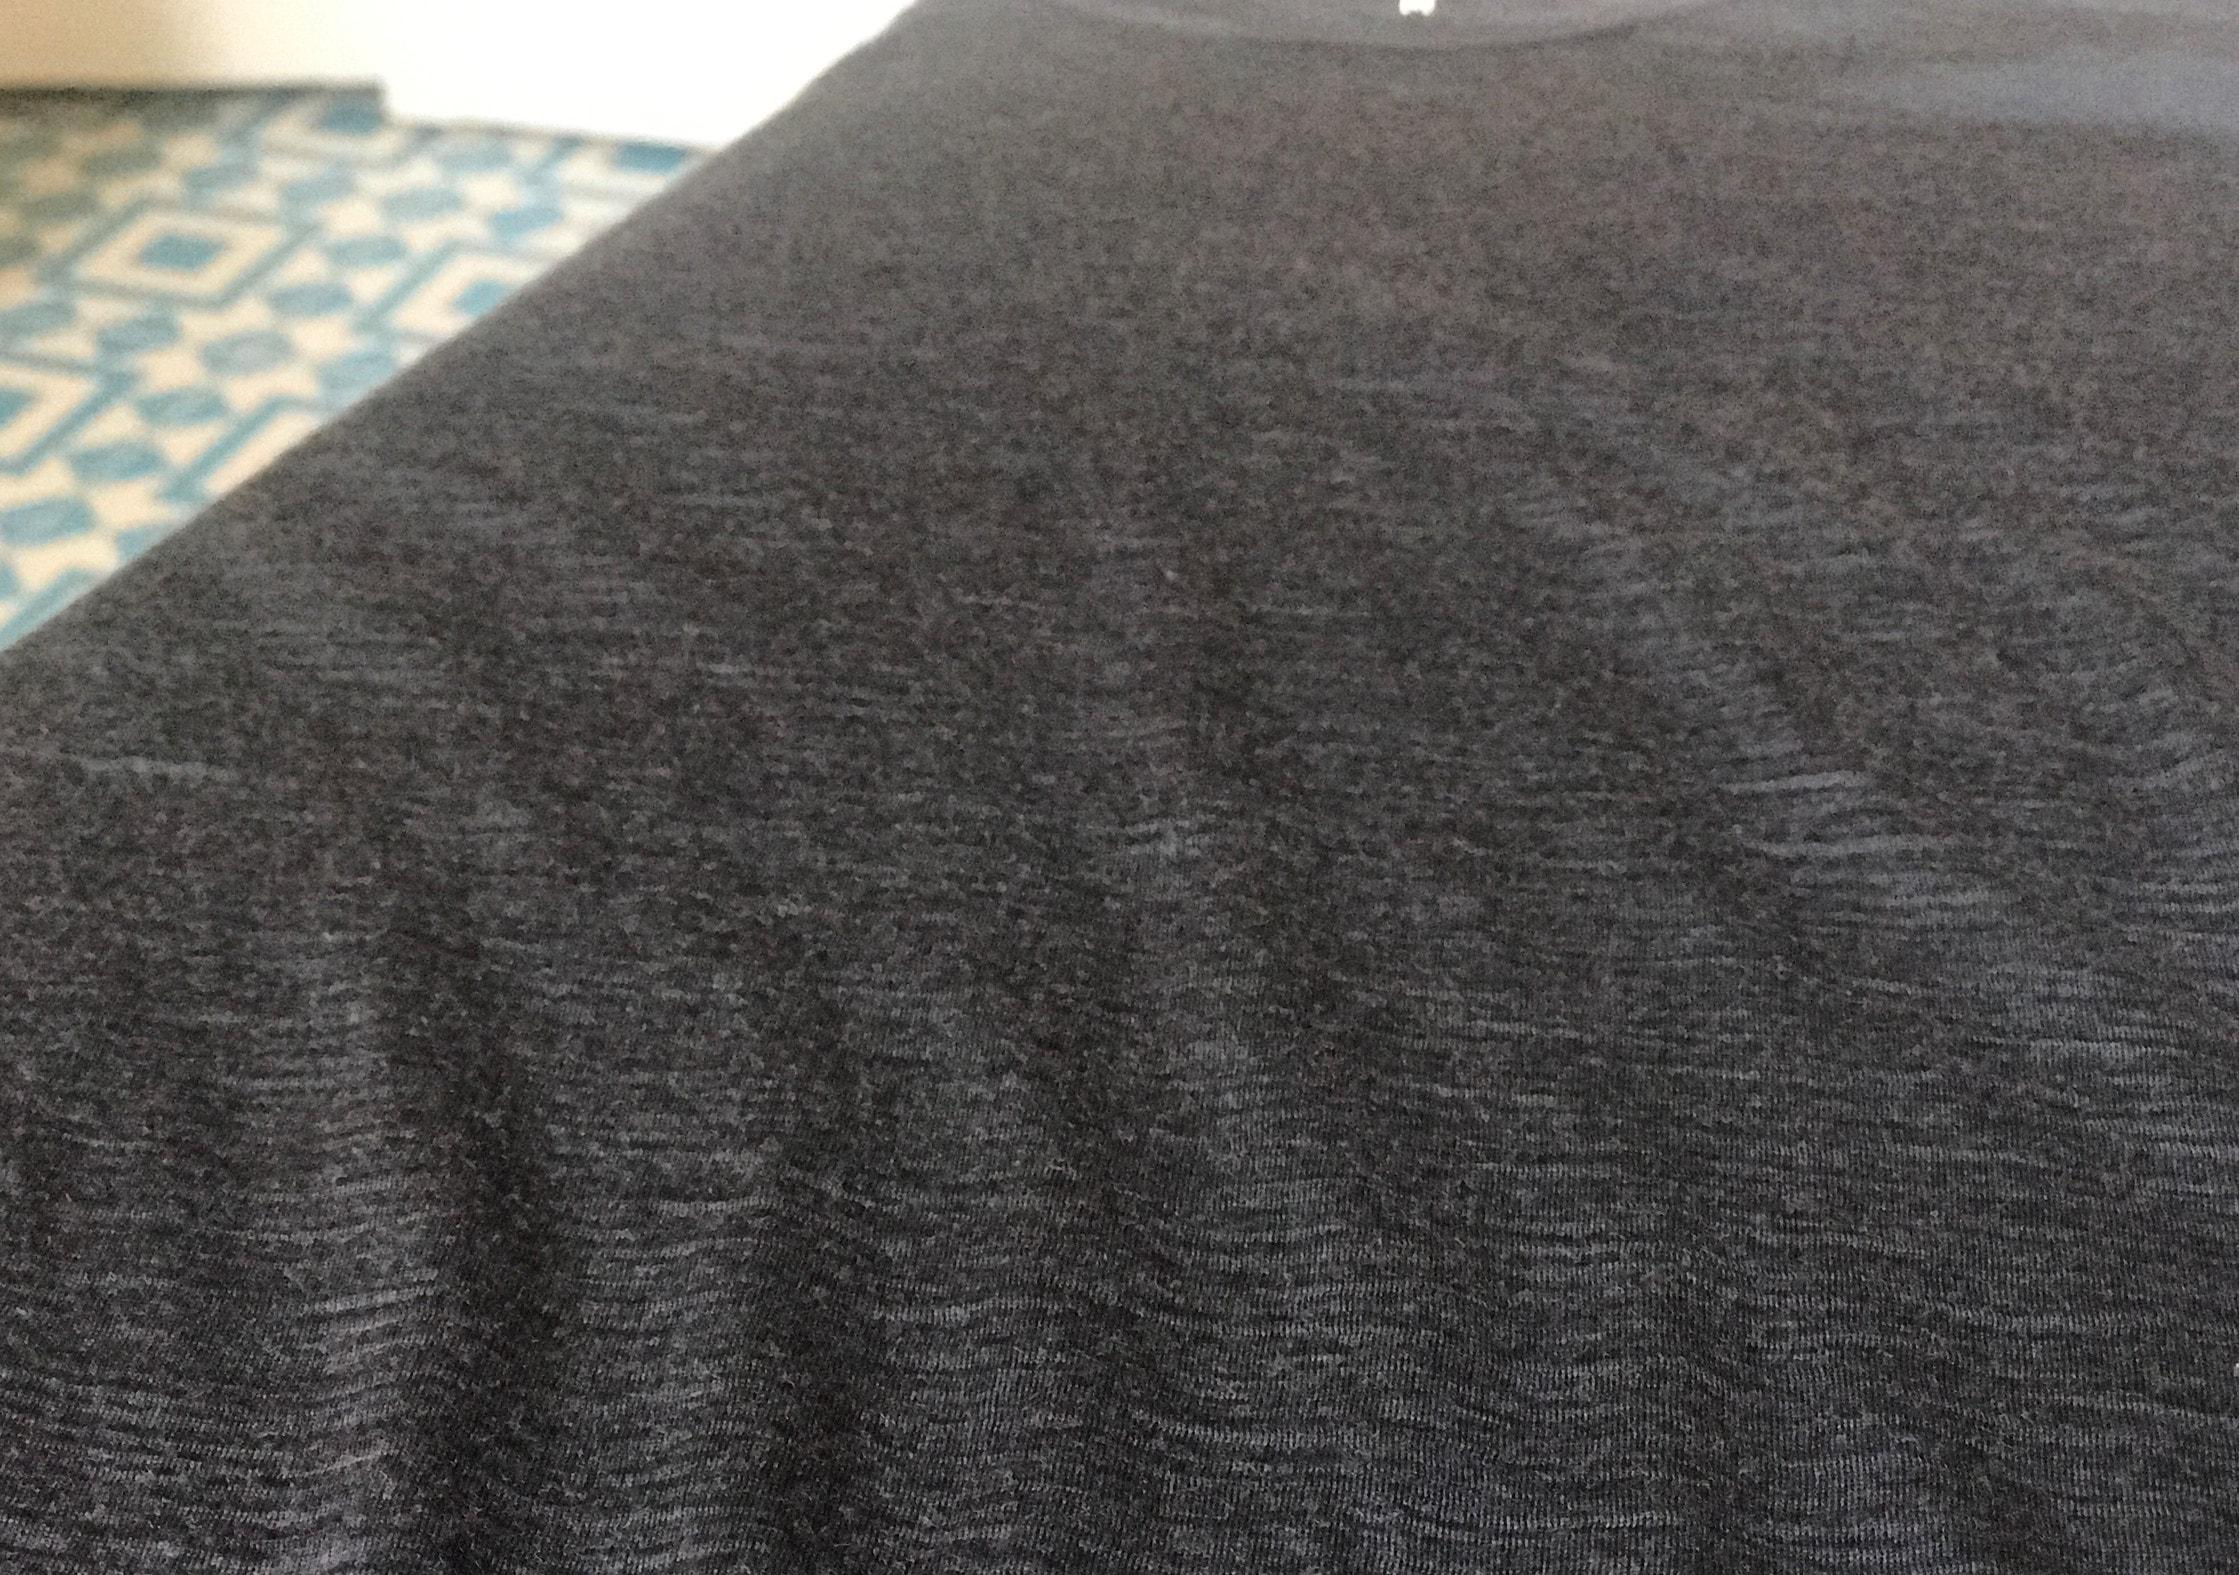 Unbound Merino Fabric